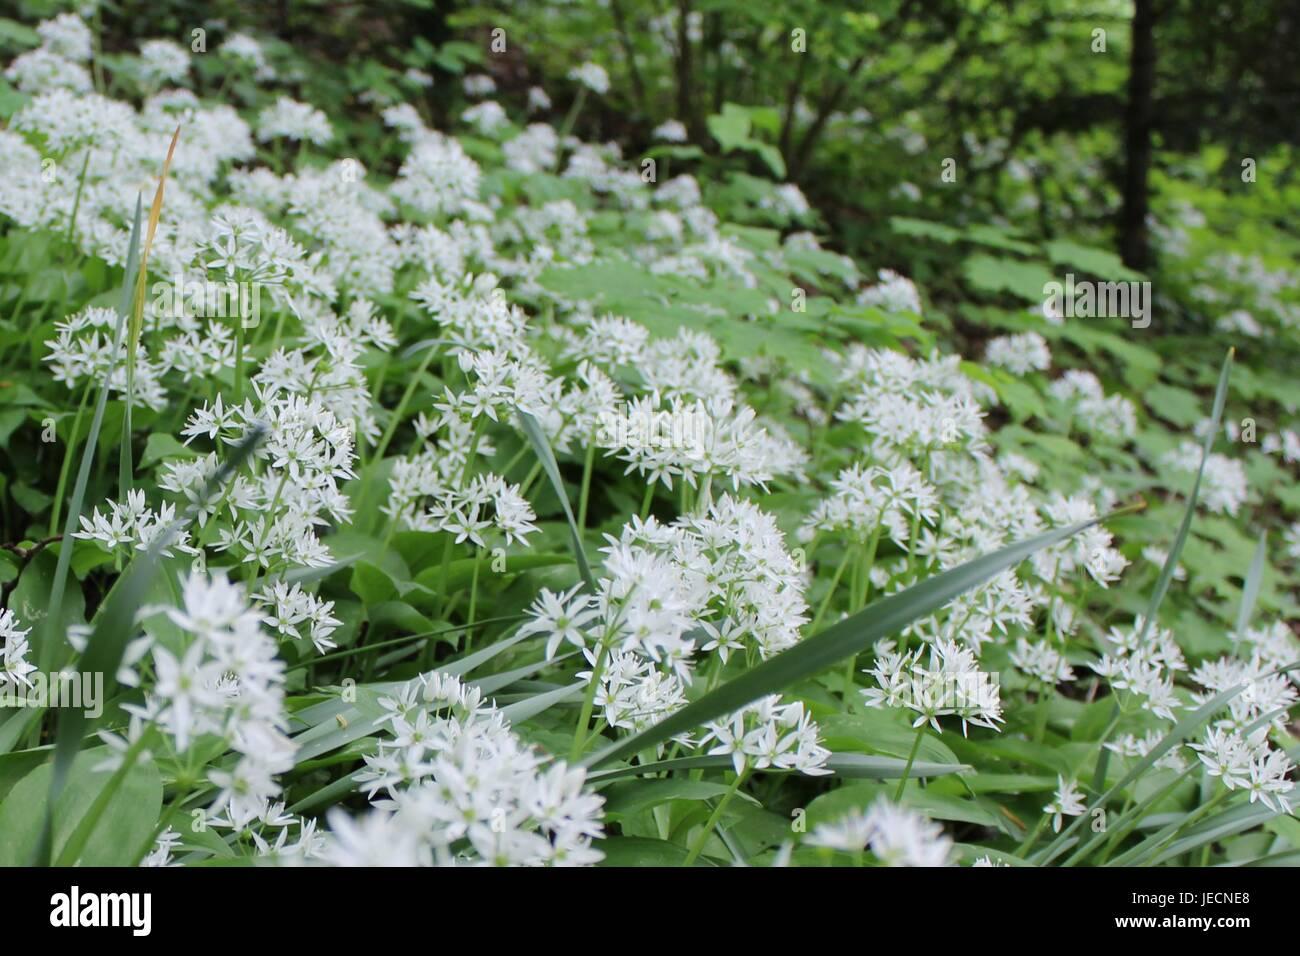 Allium Ursinum blüht im Mai. Stockfoto